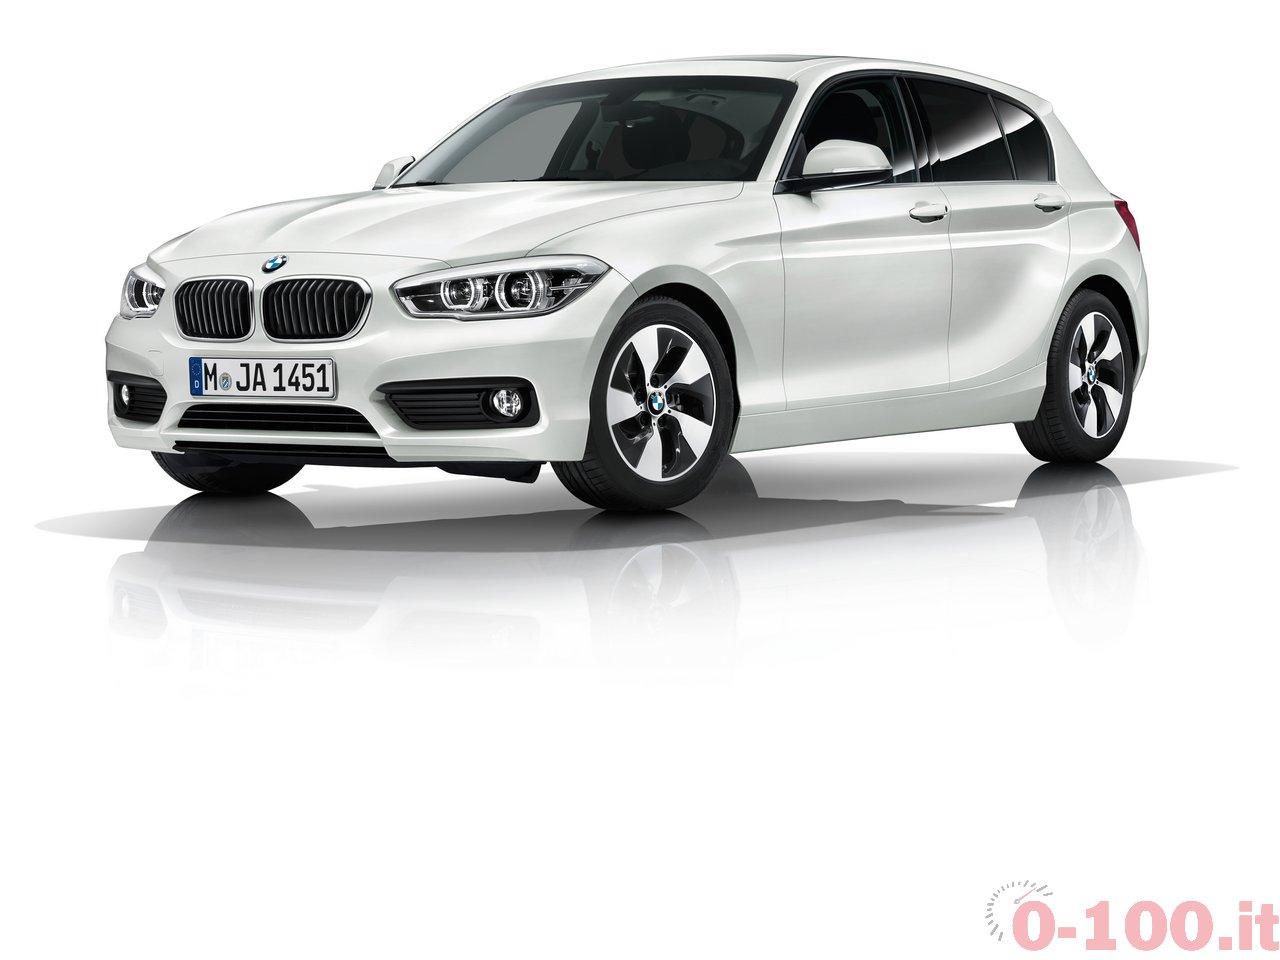 BMW-serie-1-2015_116d-118d-120d-125d-116i-118i-120i-125i-135i-0-100_37